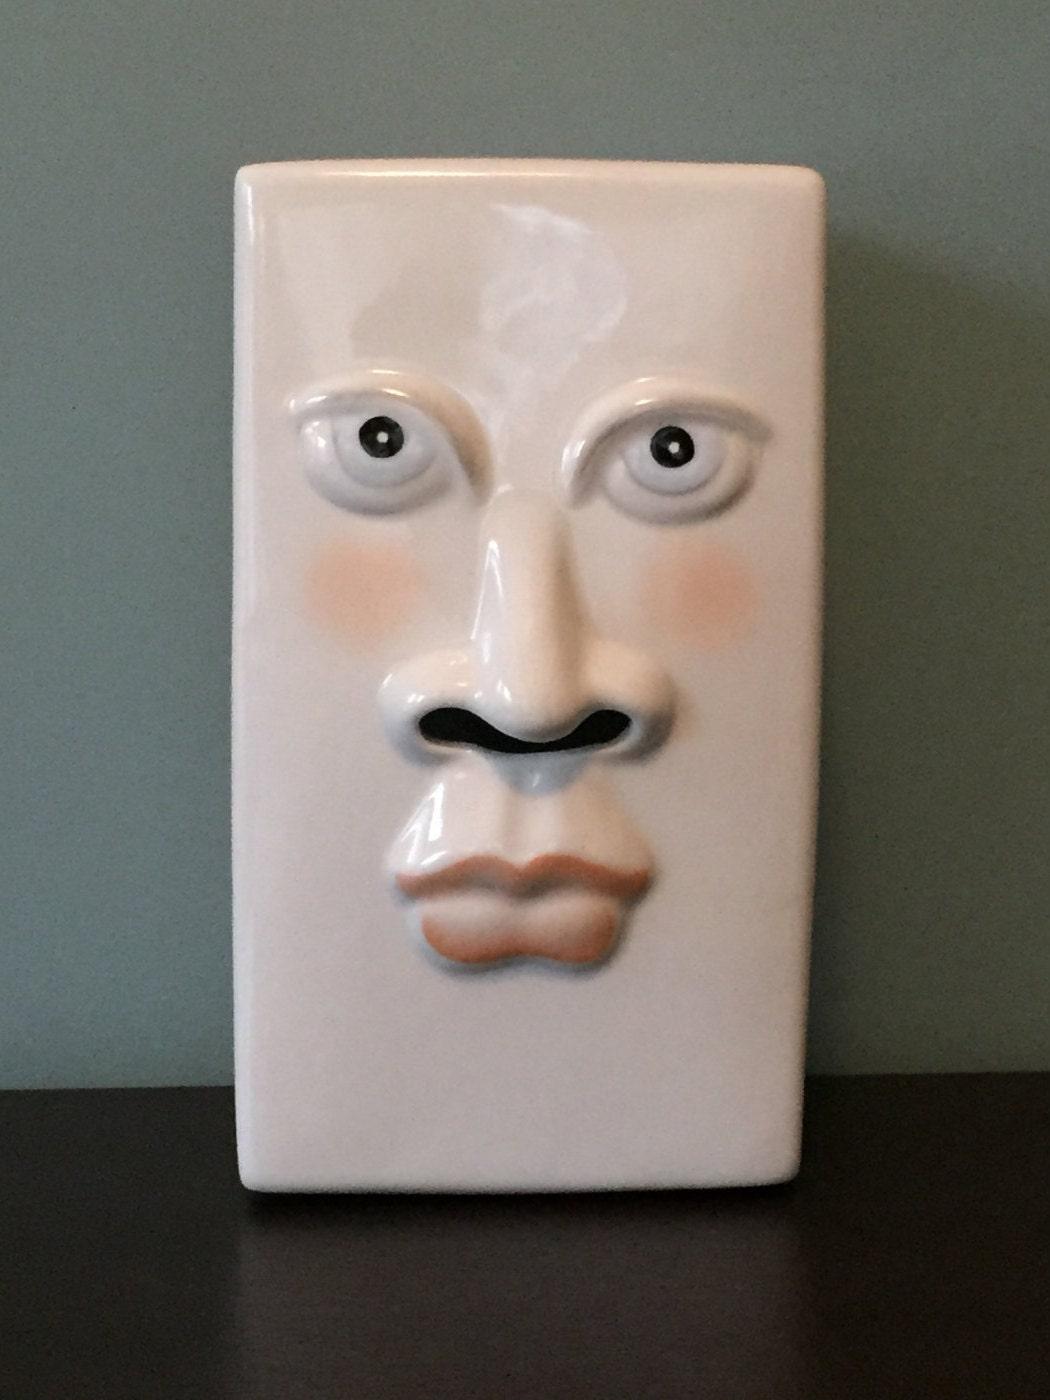 Old collectible facial tissue holder